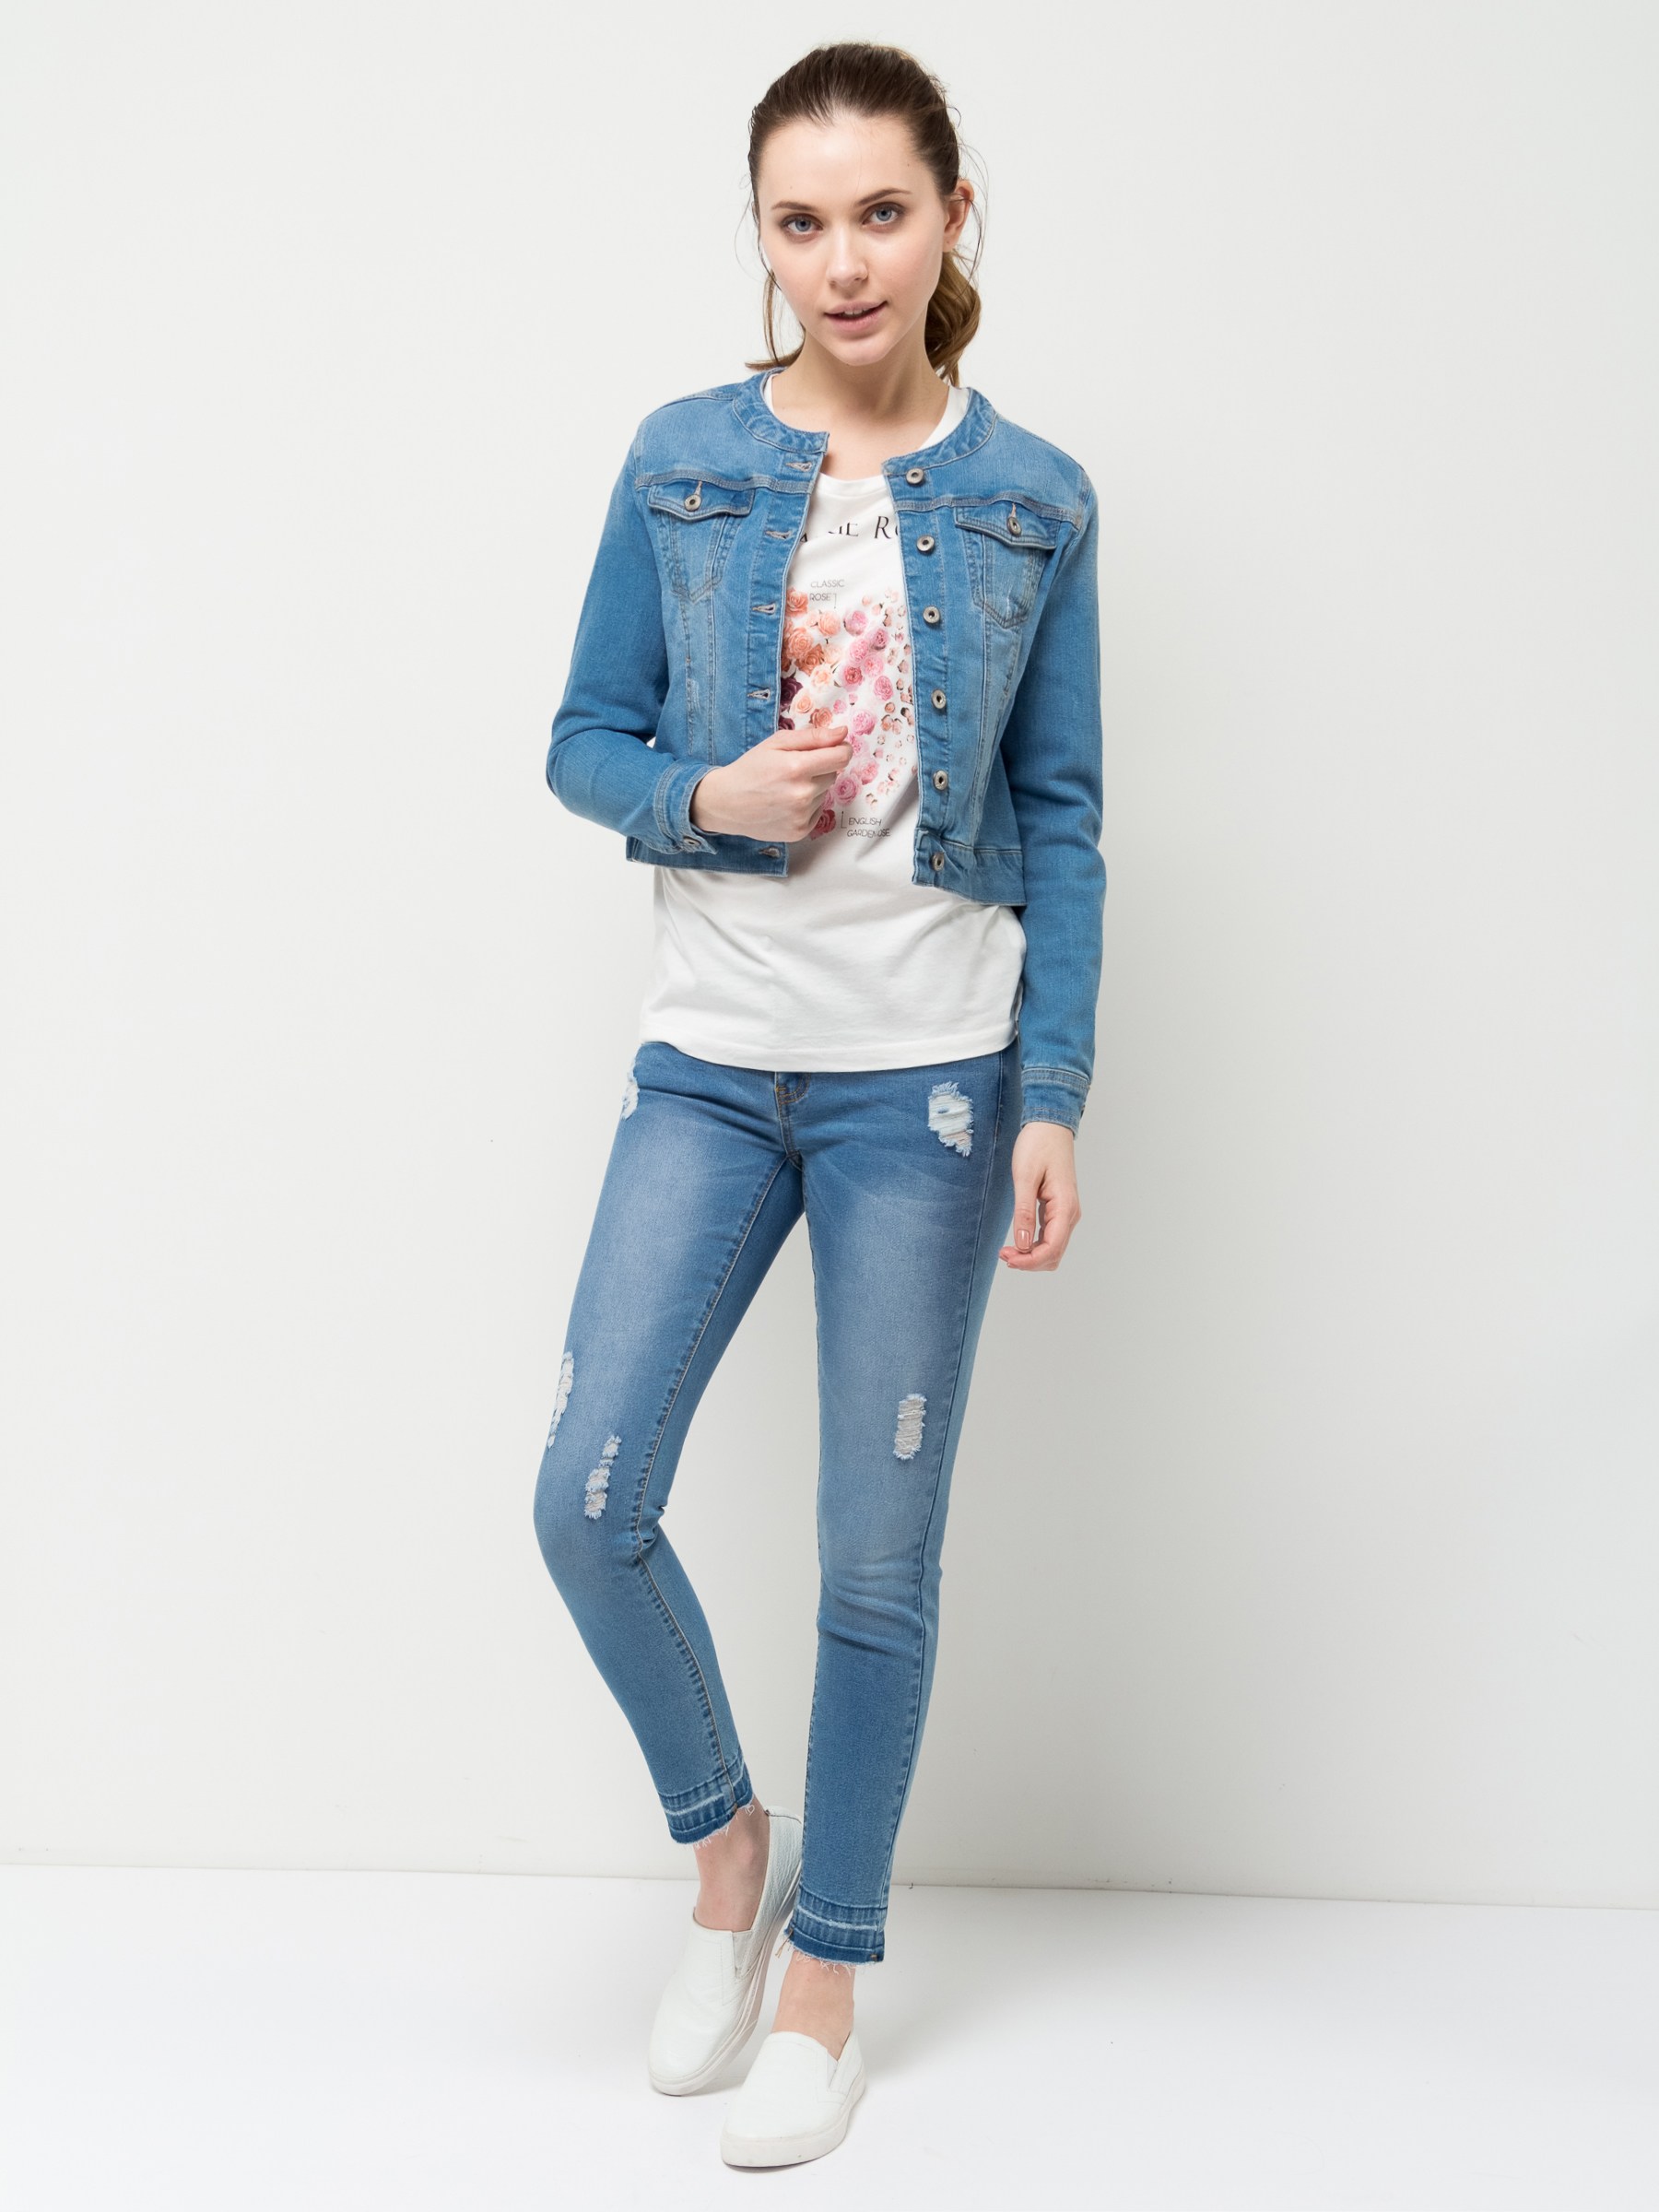 Куртка джинсовая женская Sela, цвет: голубой джинс. JTj-136/068-7161. Размер 42JTj-136/068-7161Джинсовая куртка Sela, выполненная из качественного эластичного хлопка, станет отличным дополнением гардероба каждой модницы. Слегка укороченная модель прямого кроя с круглым вырезом горловины застегивается на пуговицы и дополнена двумя прорезными и двумя накладными карманами с клапанами на пуговицах. Манжеты длинных рукавов также дополнены пуговицами.Куртка подойдет для прогулок и дружеских встреч и будет отлично сочетаться с джинсами и брюками, а также гармонично смотреться с юбками.